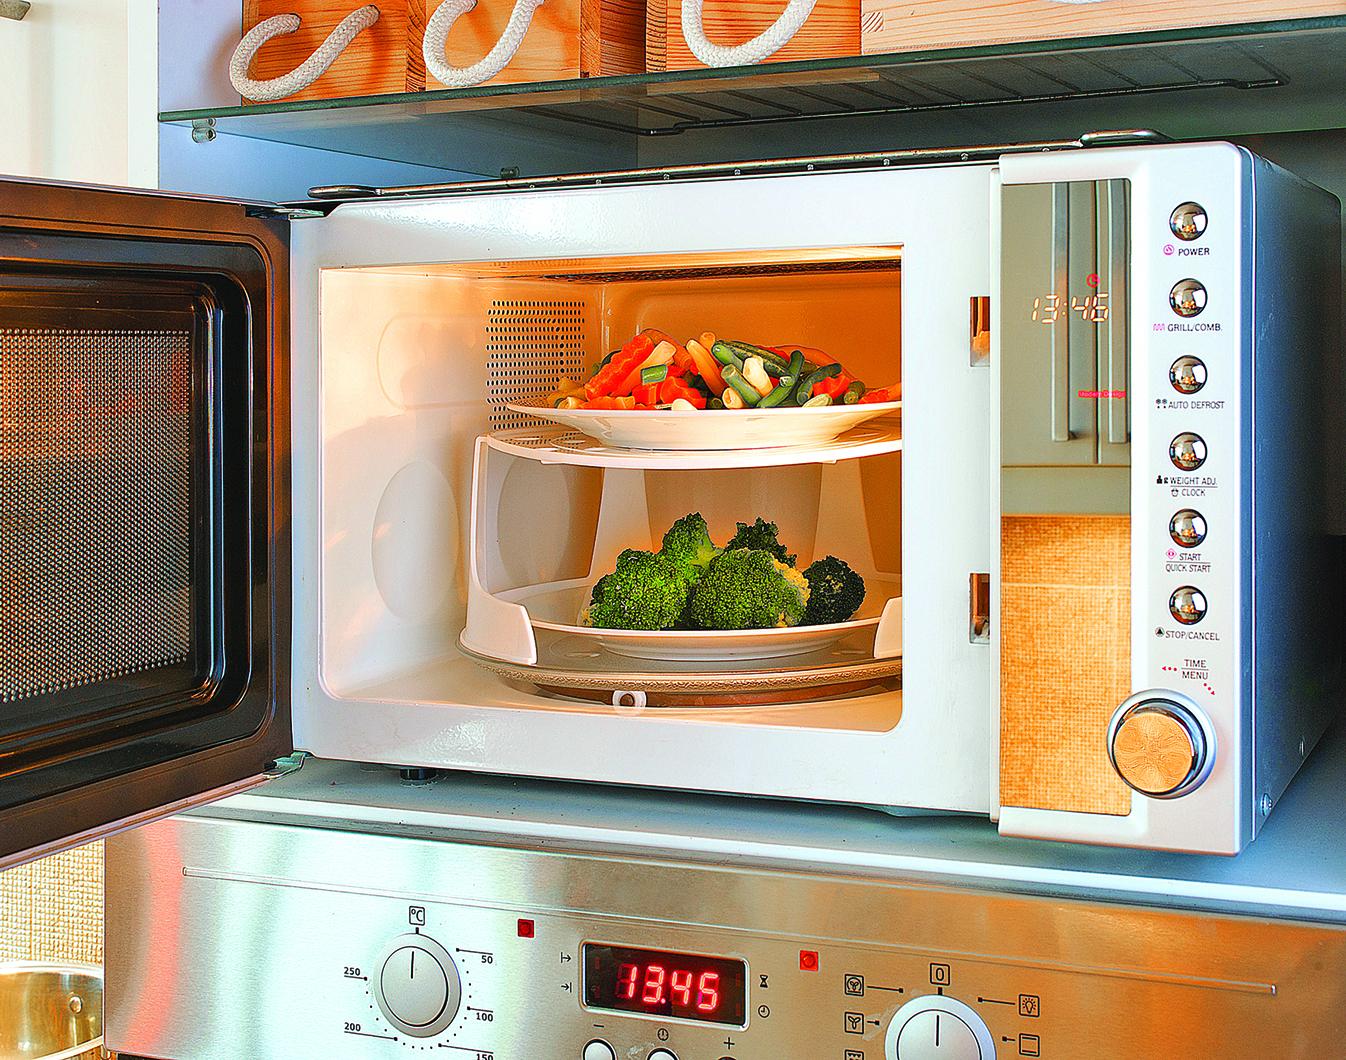 用微波爐烹調蔬菜十分方便!